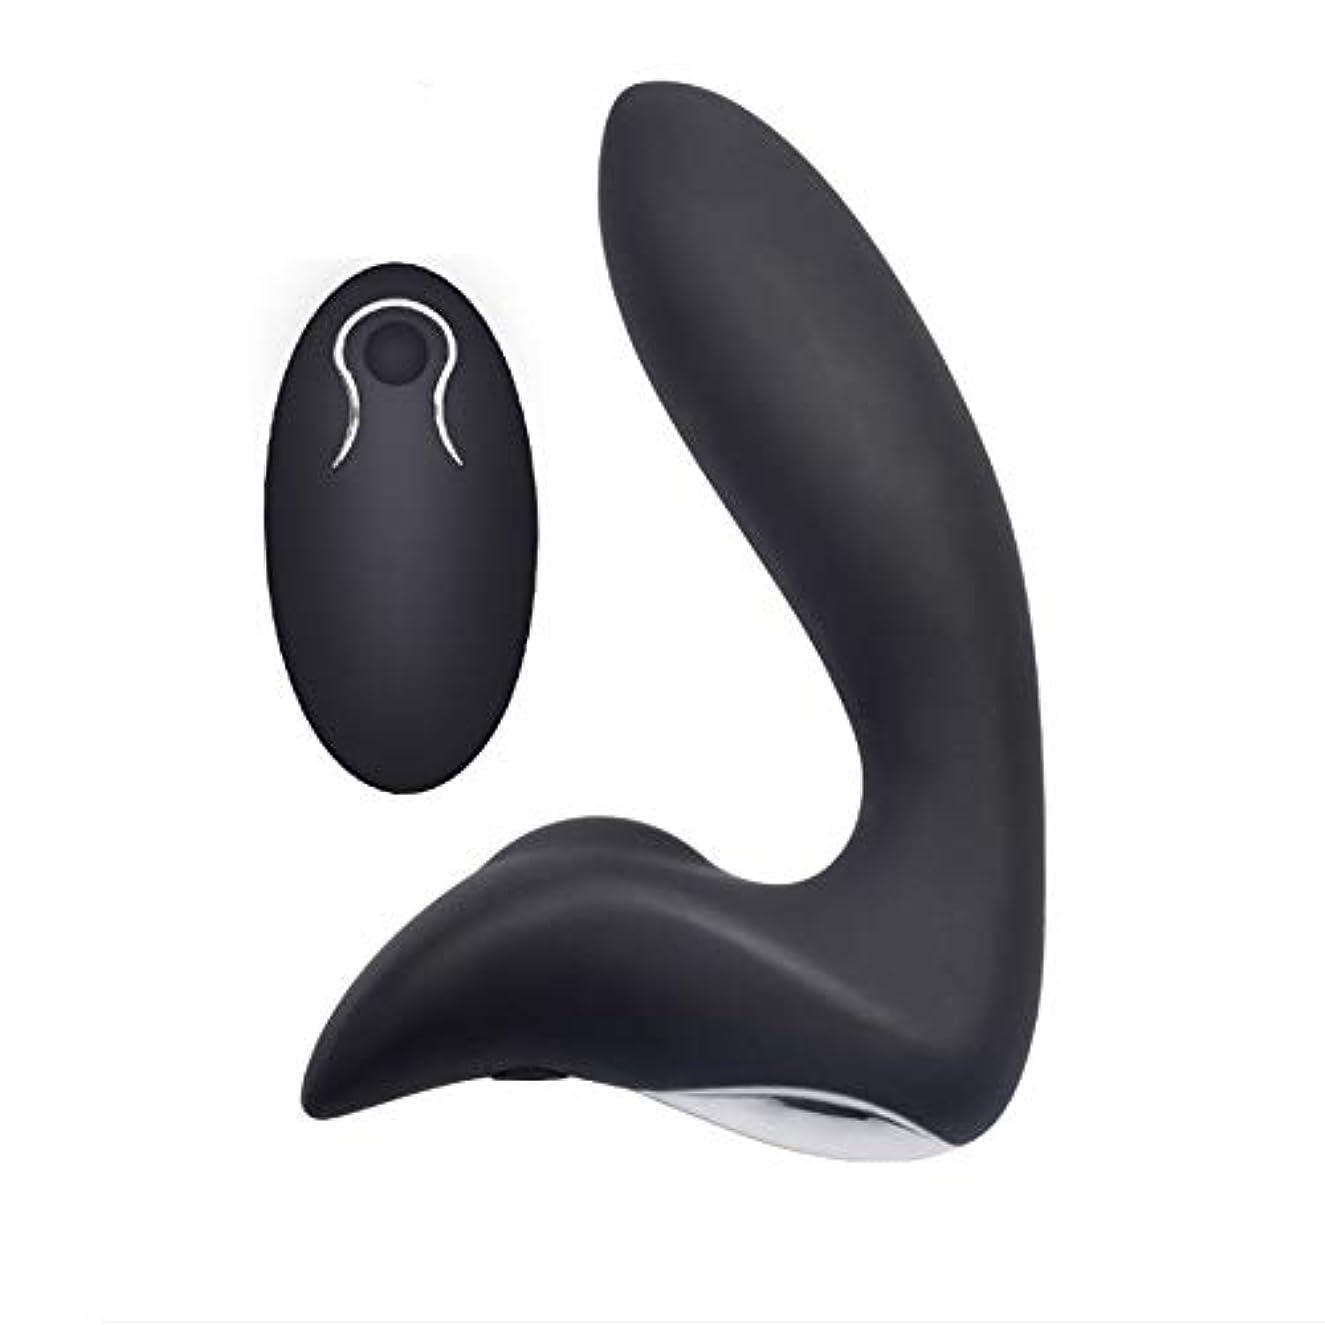 ゴールデン革新辞書電気式マッサージ器前立腺マッサージ器黒色リモートコントロール付き12周波数感受性領域は静かな防水性大人を刺激する